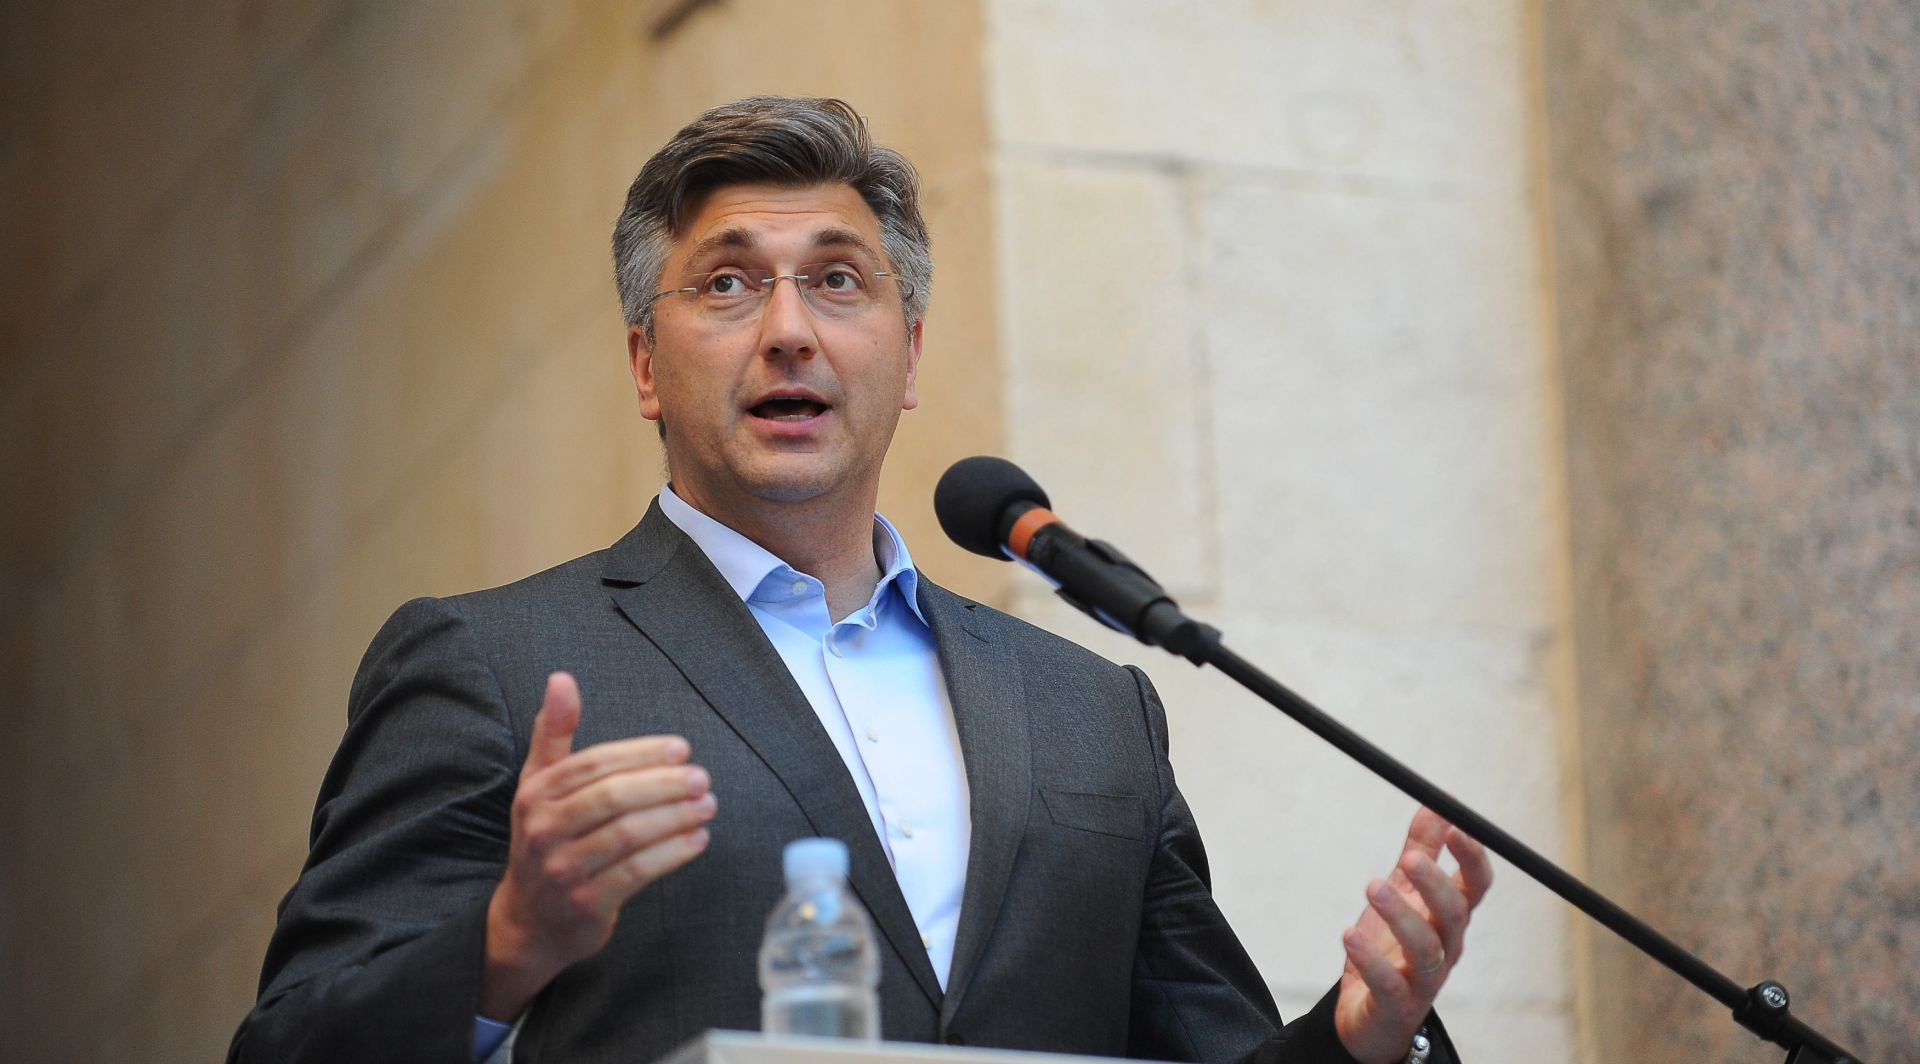 Plenković uoči lokalnih izbora očekuje pobjedu HDZ-a